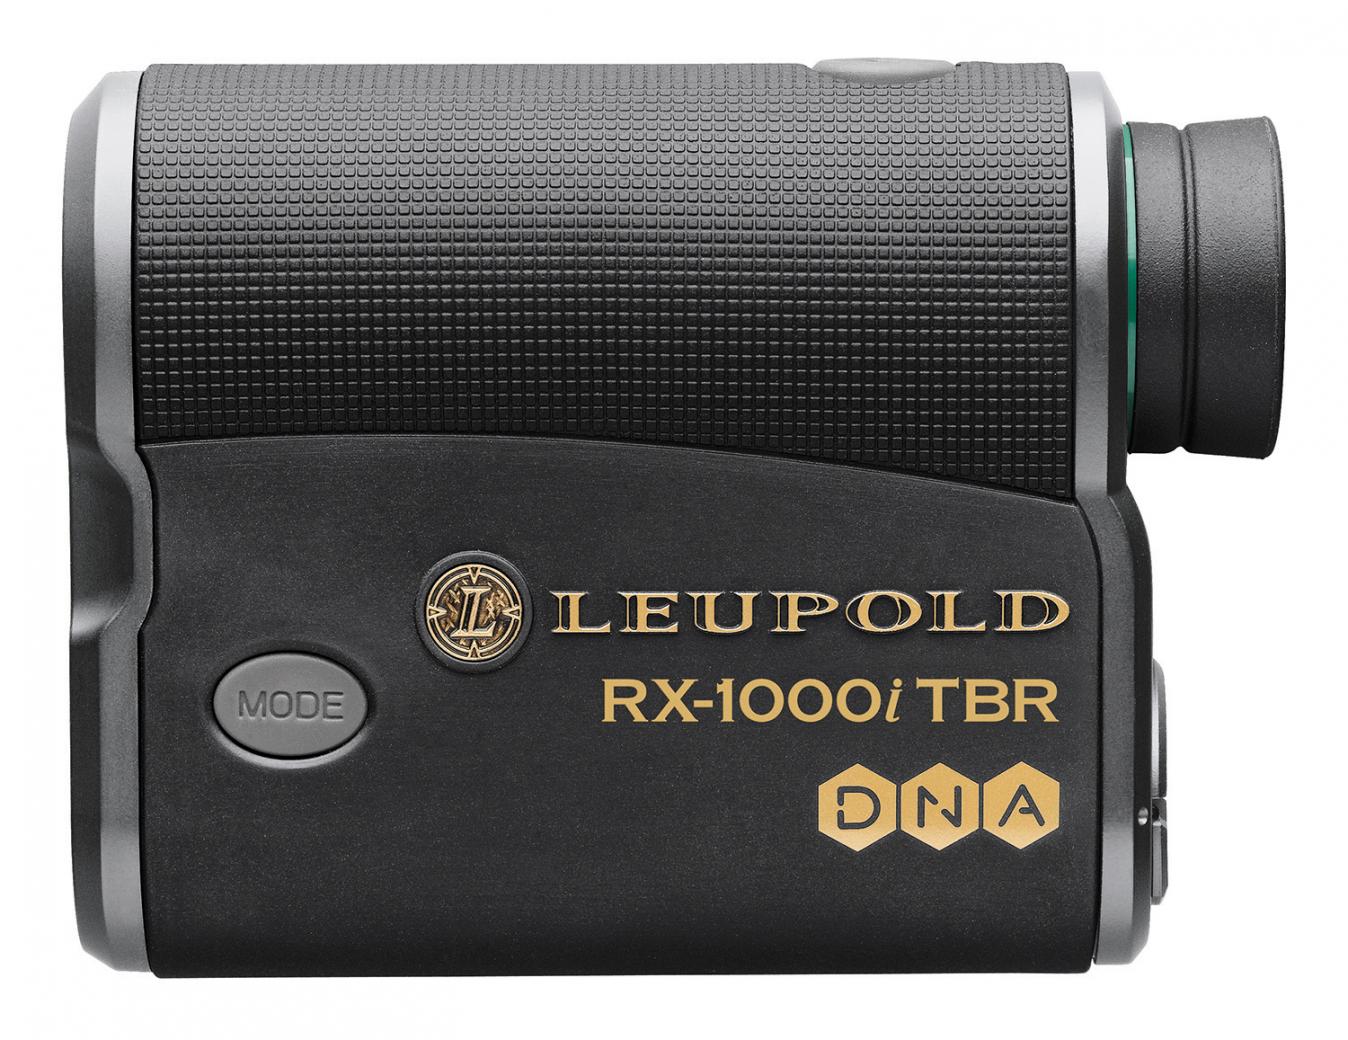 RX-1000i TBR with DNA Digital Laser Rangefinder | Leupold